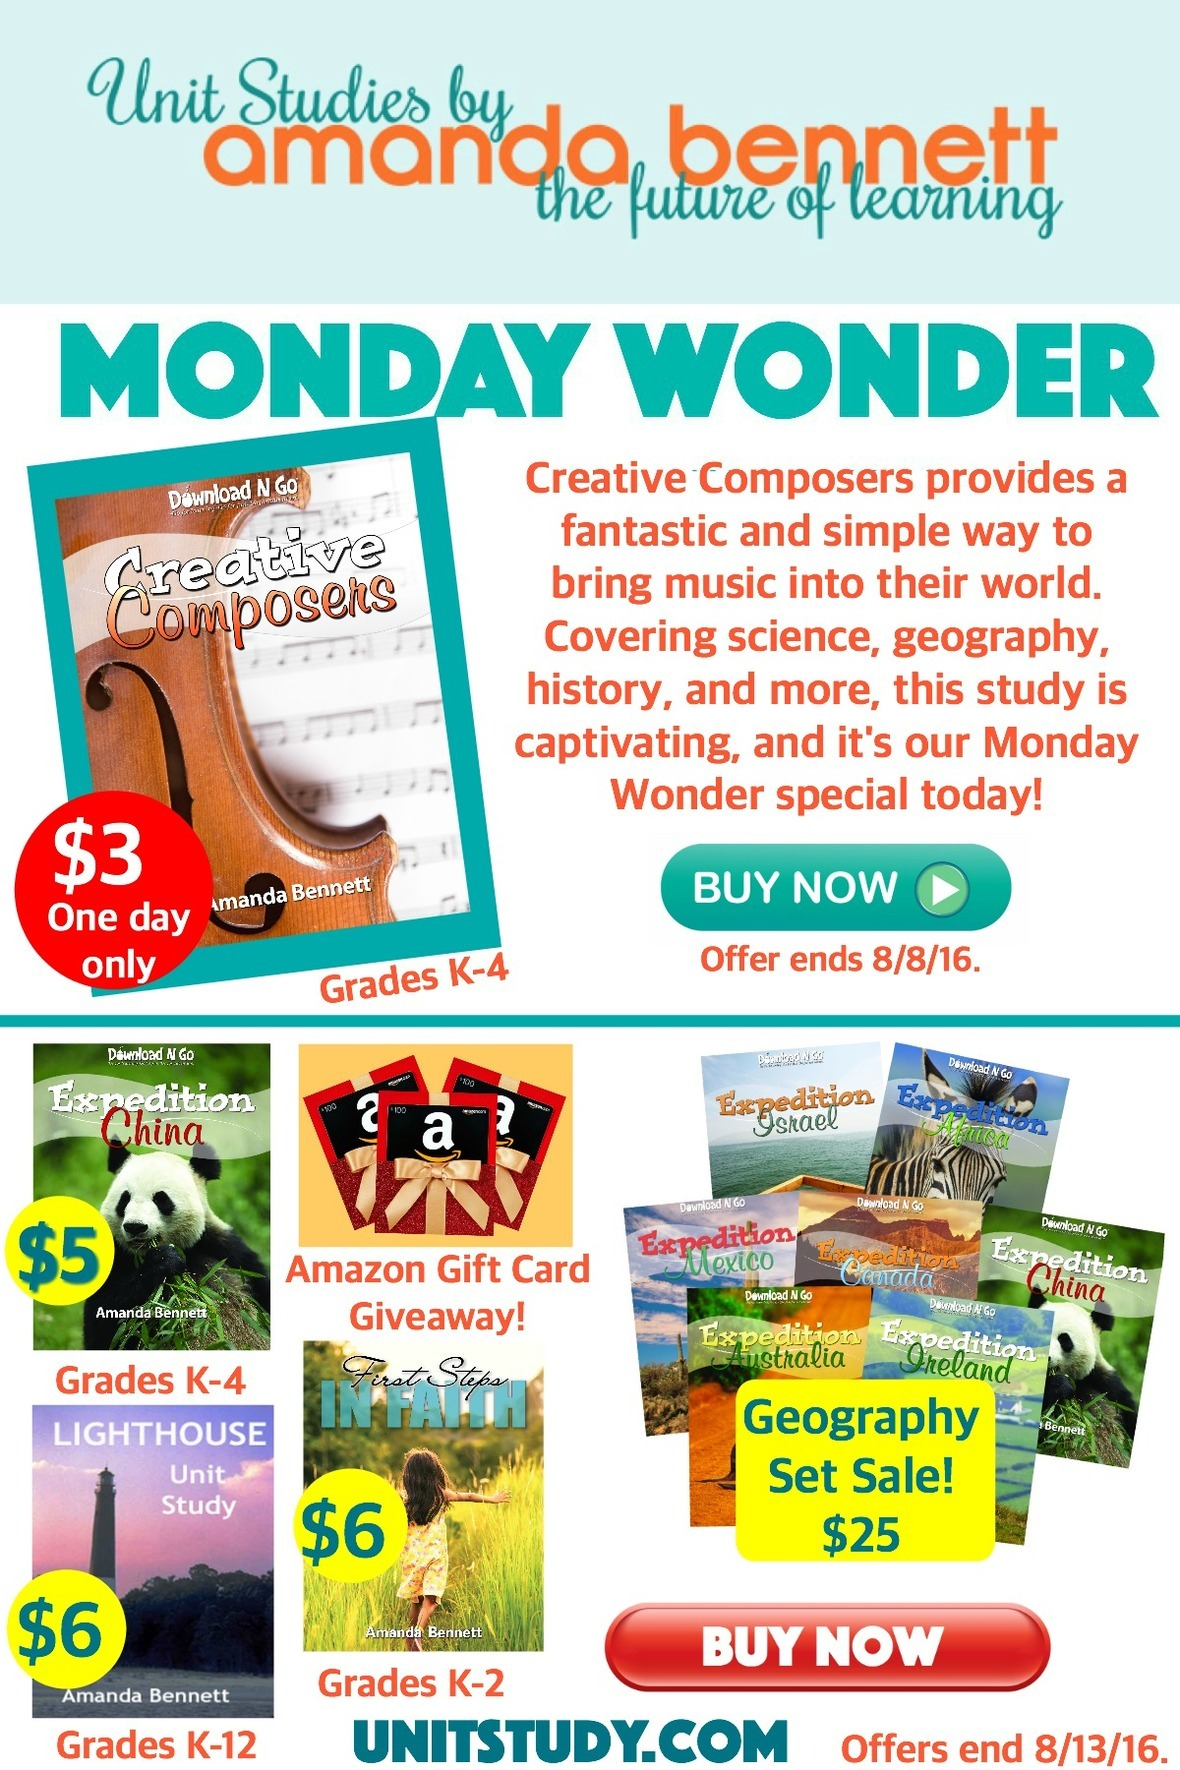 Amanda's Monday Wonder] Big Back to School Savings & an Amazon Gift